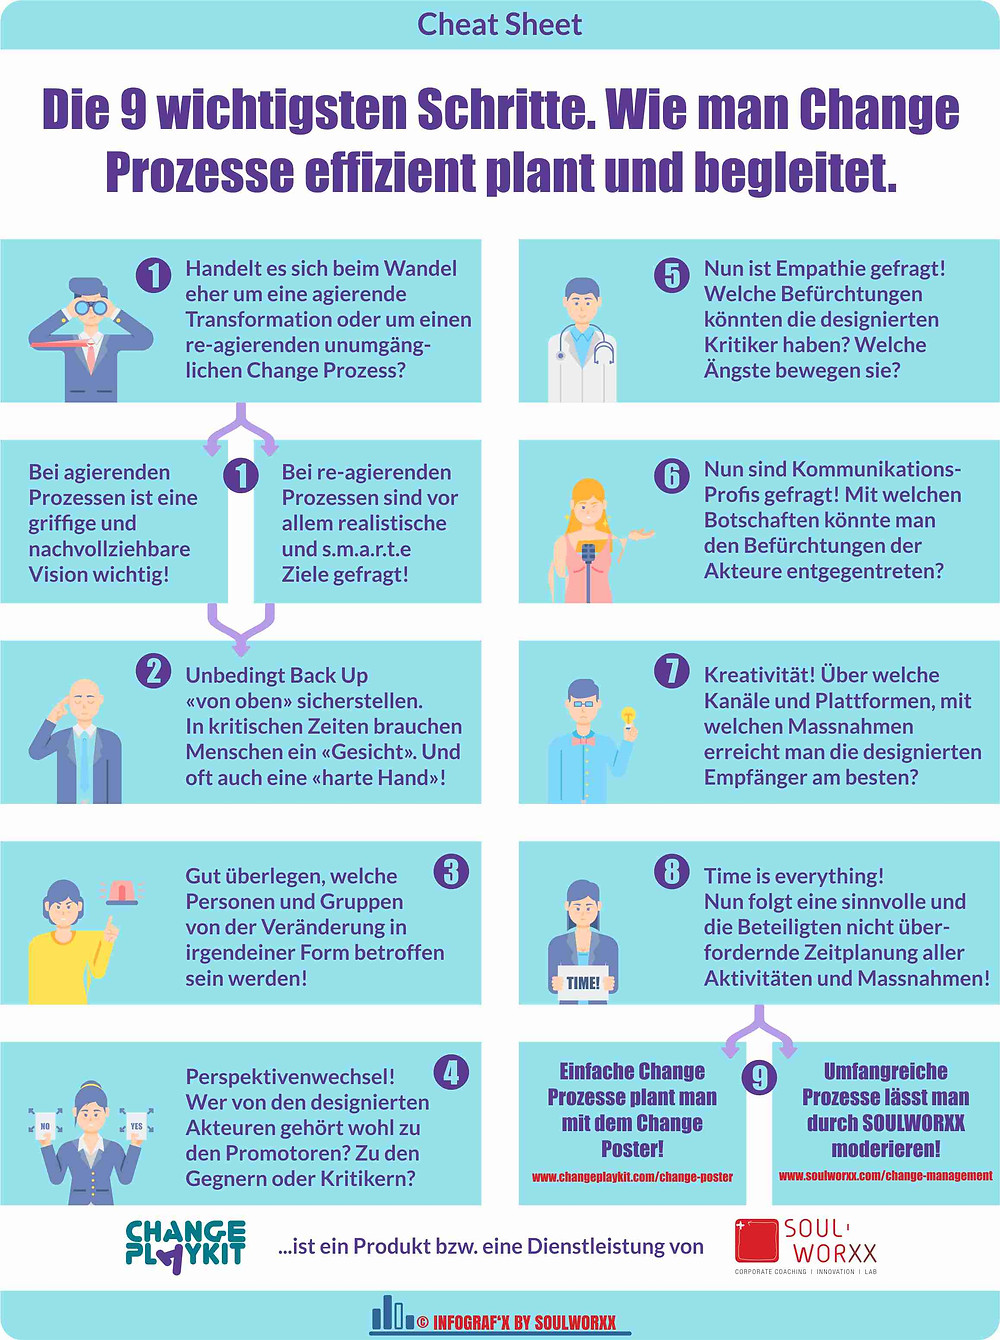 Die neun wichtigsten Schritte bei der Planung eines Veränderungsprozesses.